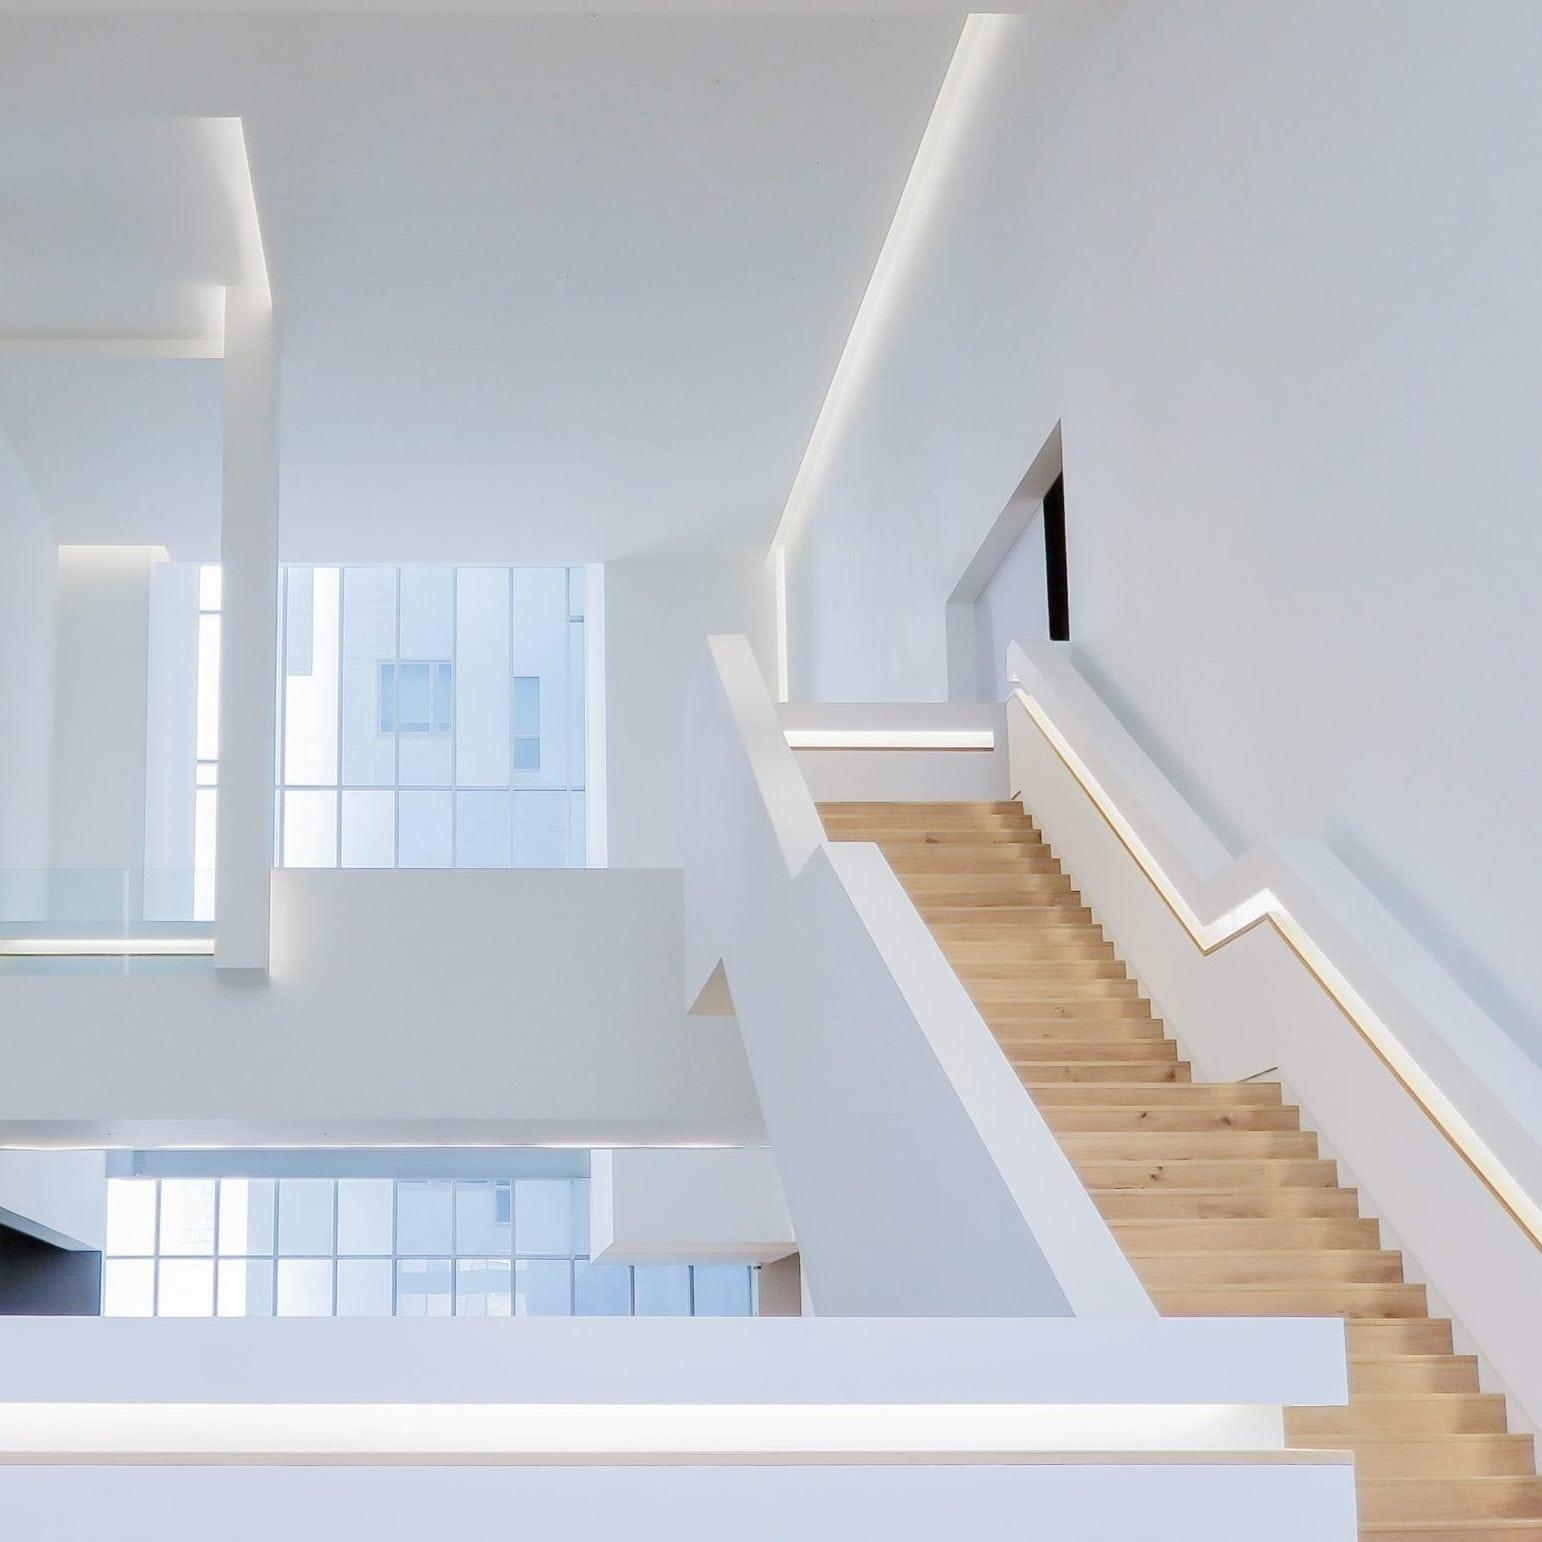 Feng Shui Cuisine Ouverte les escaliers, les contremarches - marip the feng shui firm